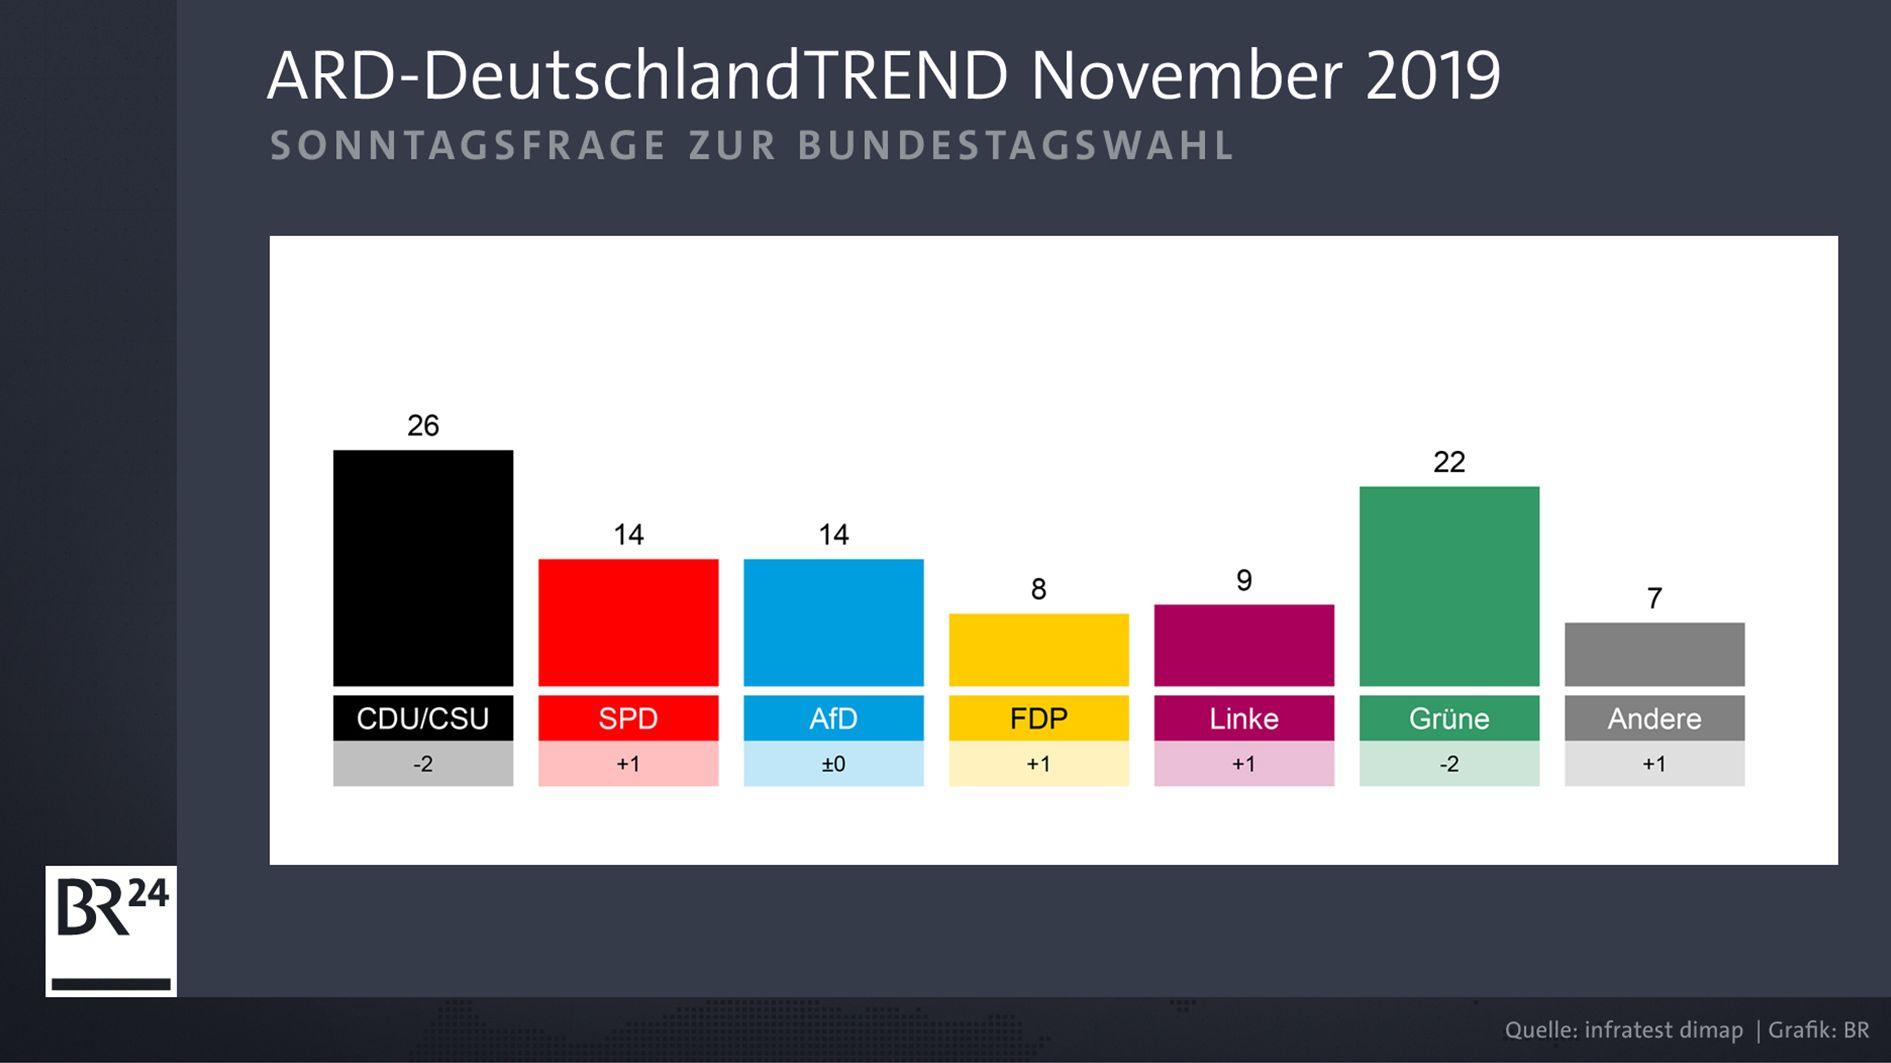 ARD-DeutschlandTrend November 2019: Sonntagsfrage